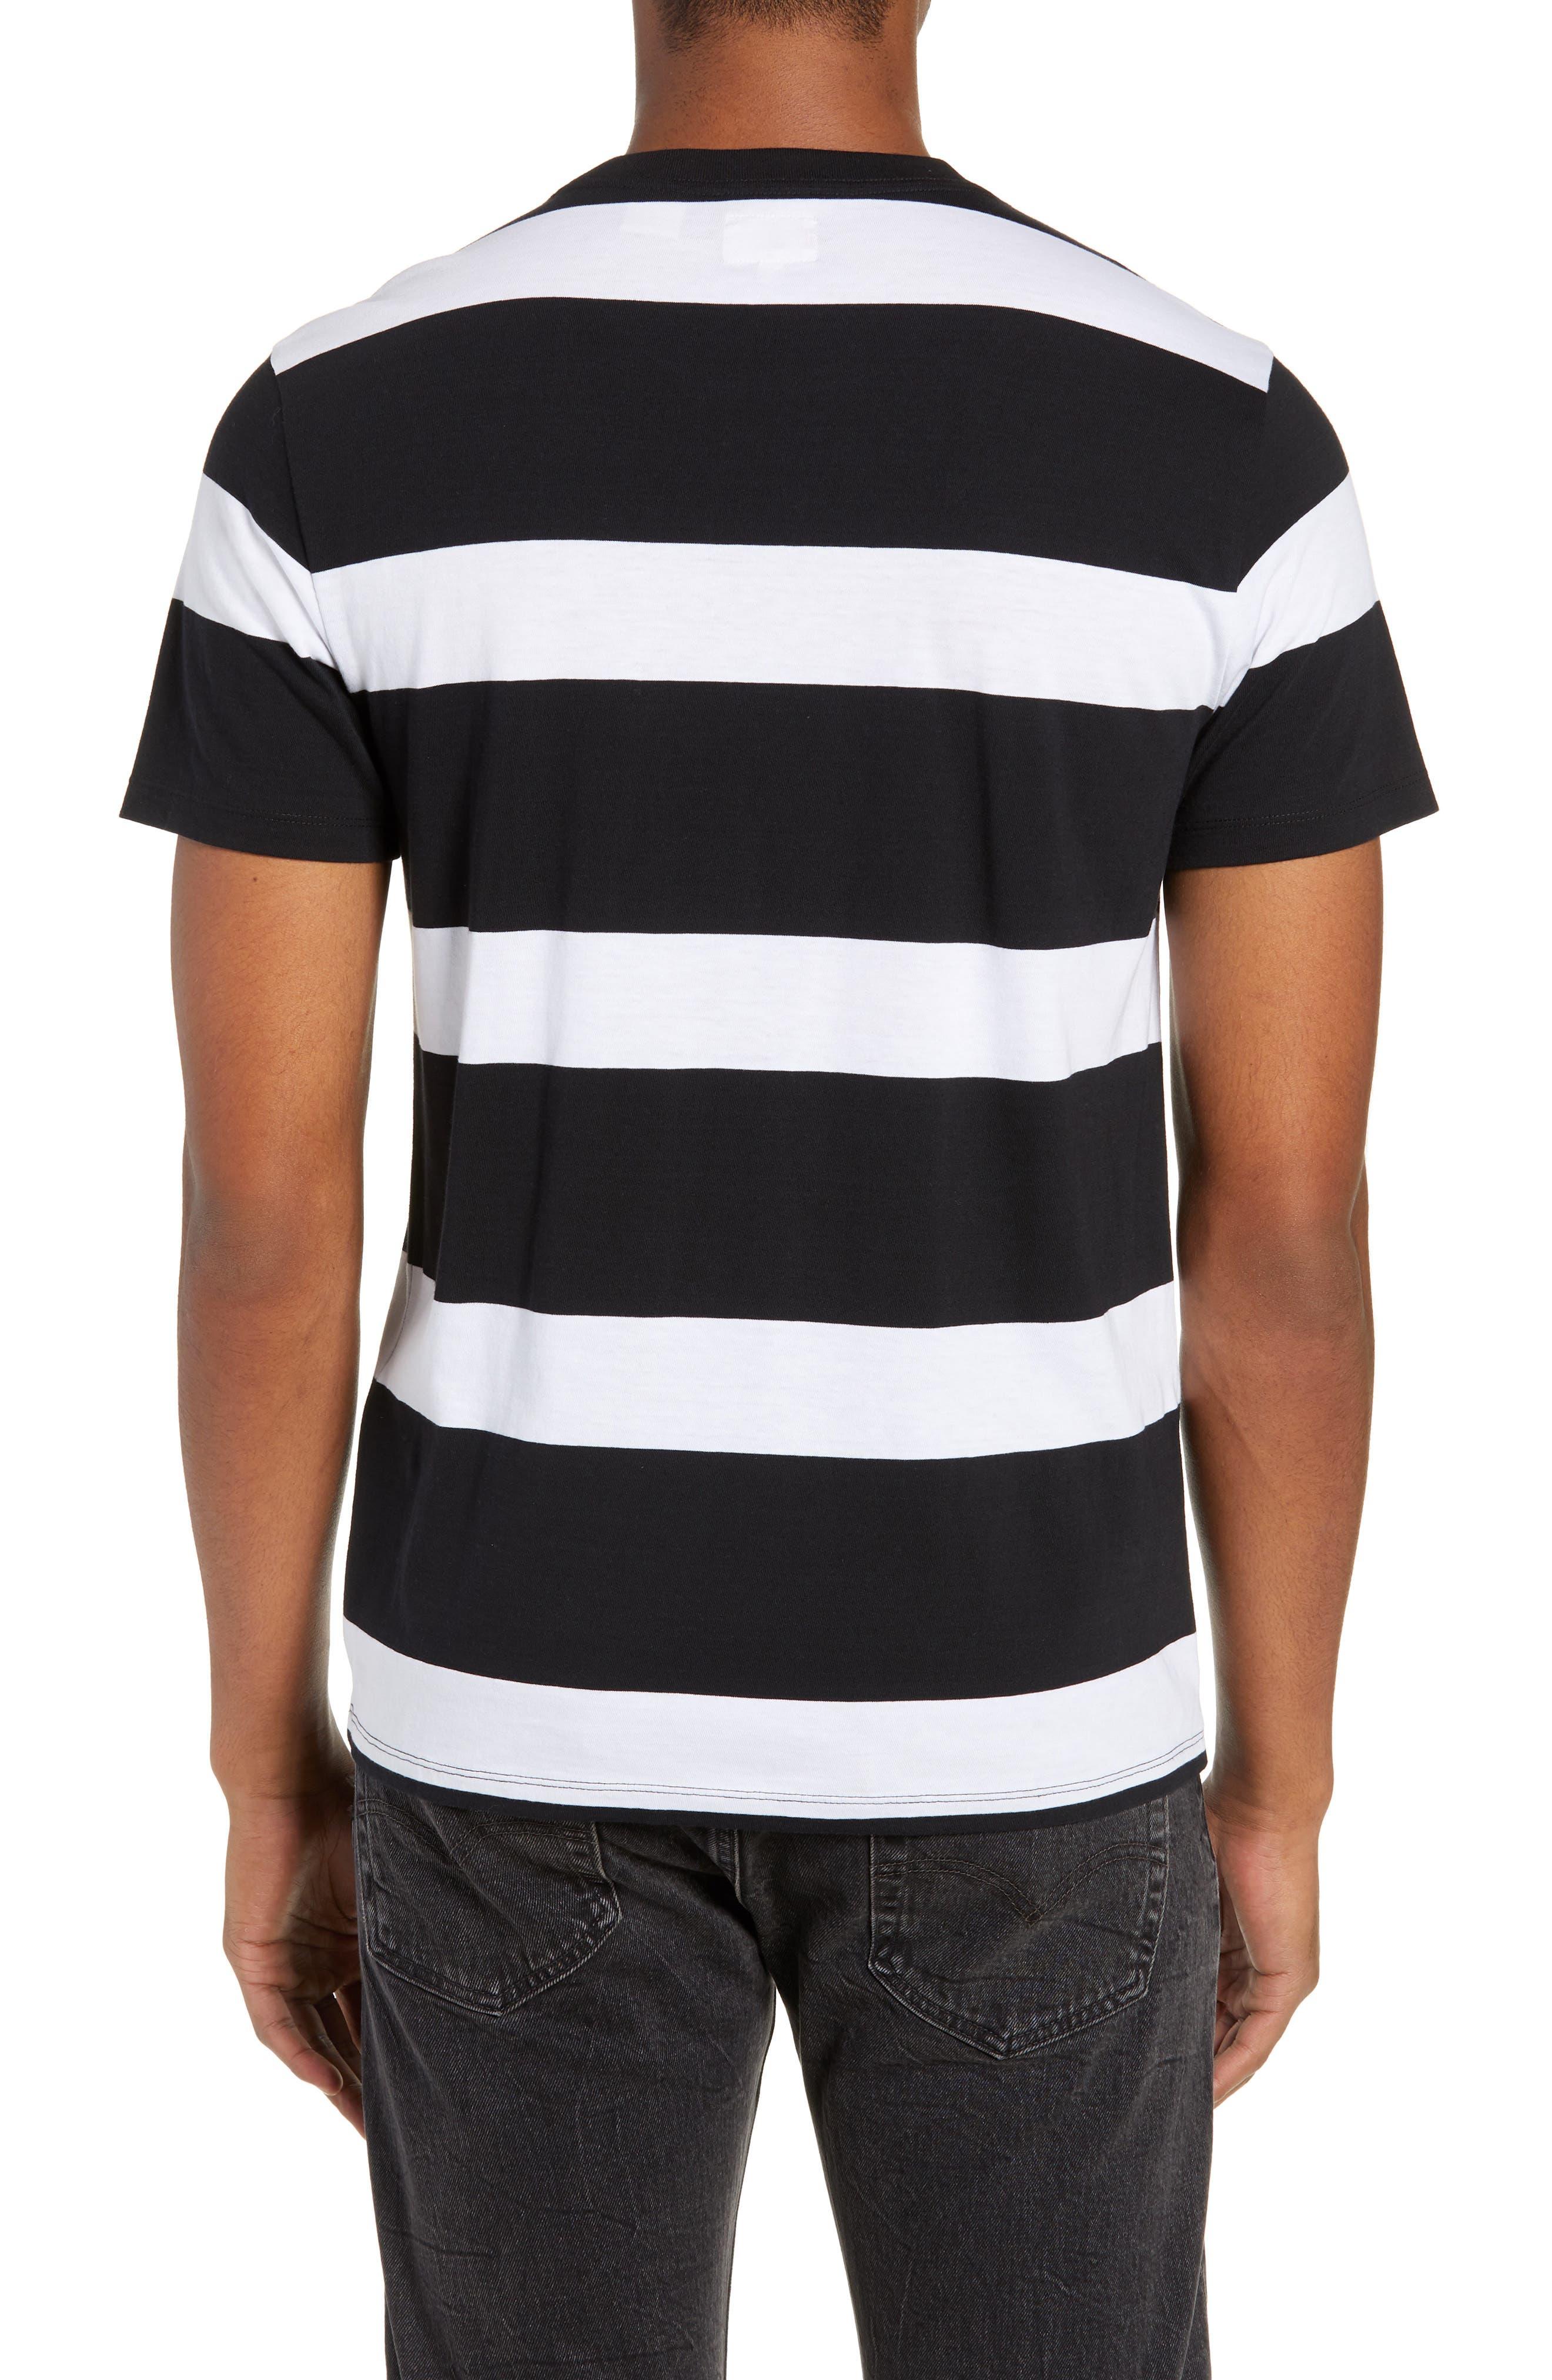 Pocket T-Shirt,                             Alternate thumbnail 2, color,                             BLACK/ WHITE STRIPES